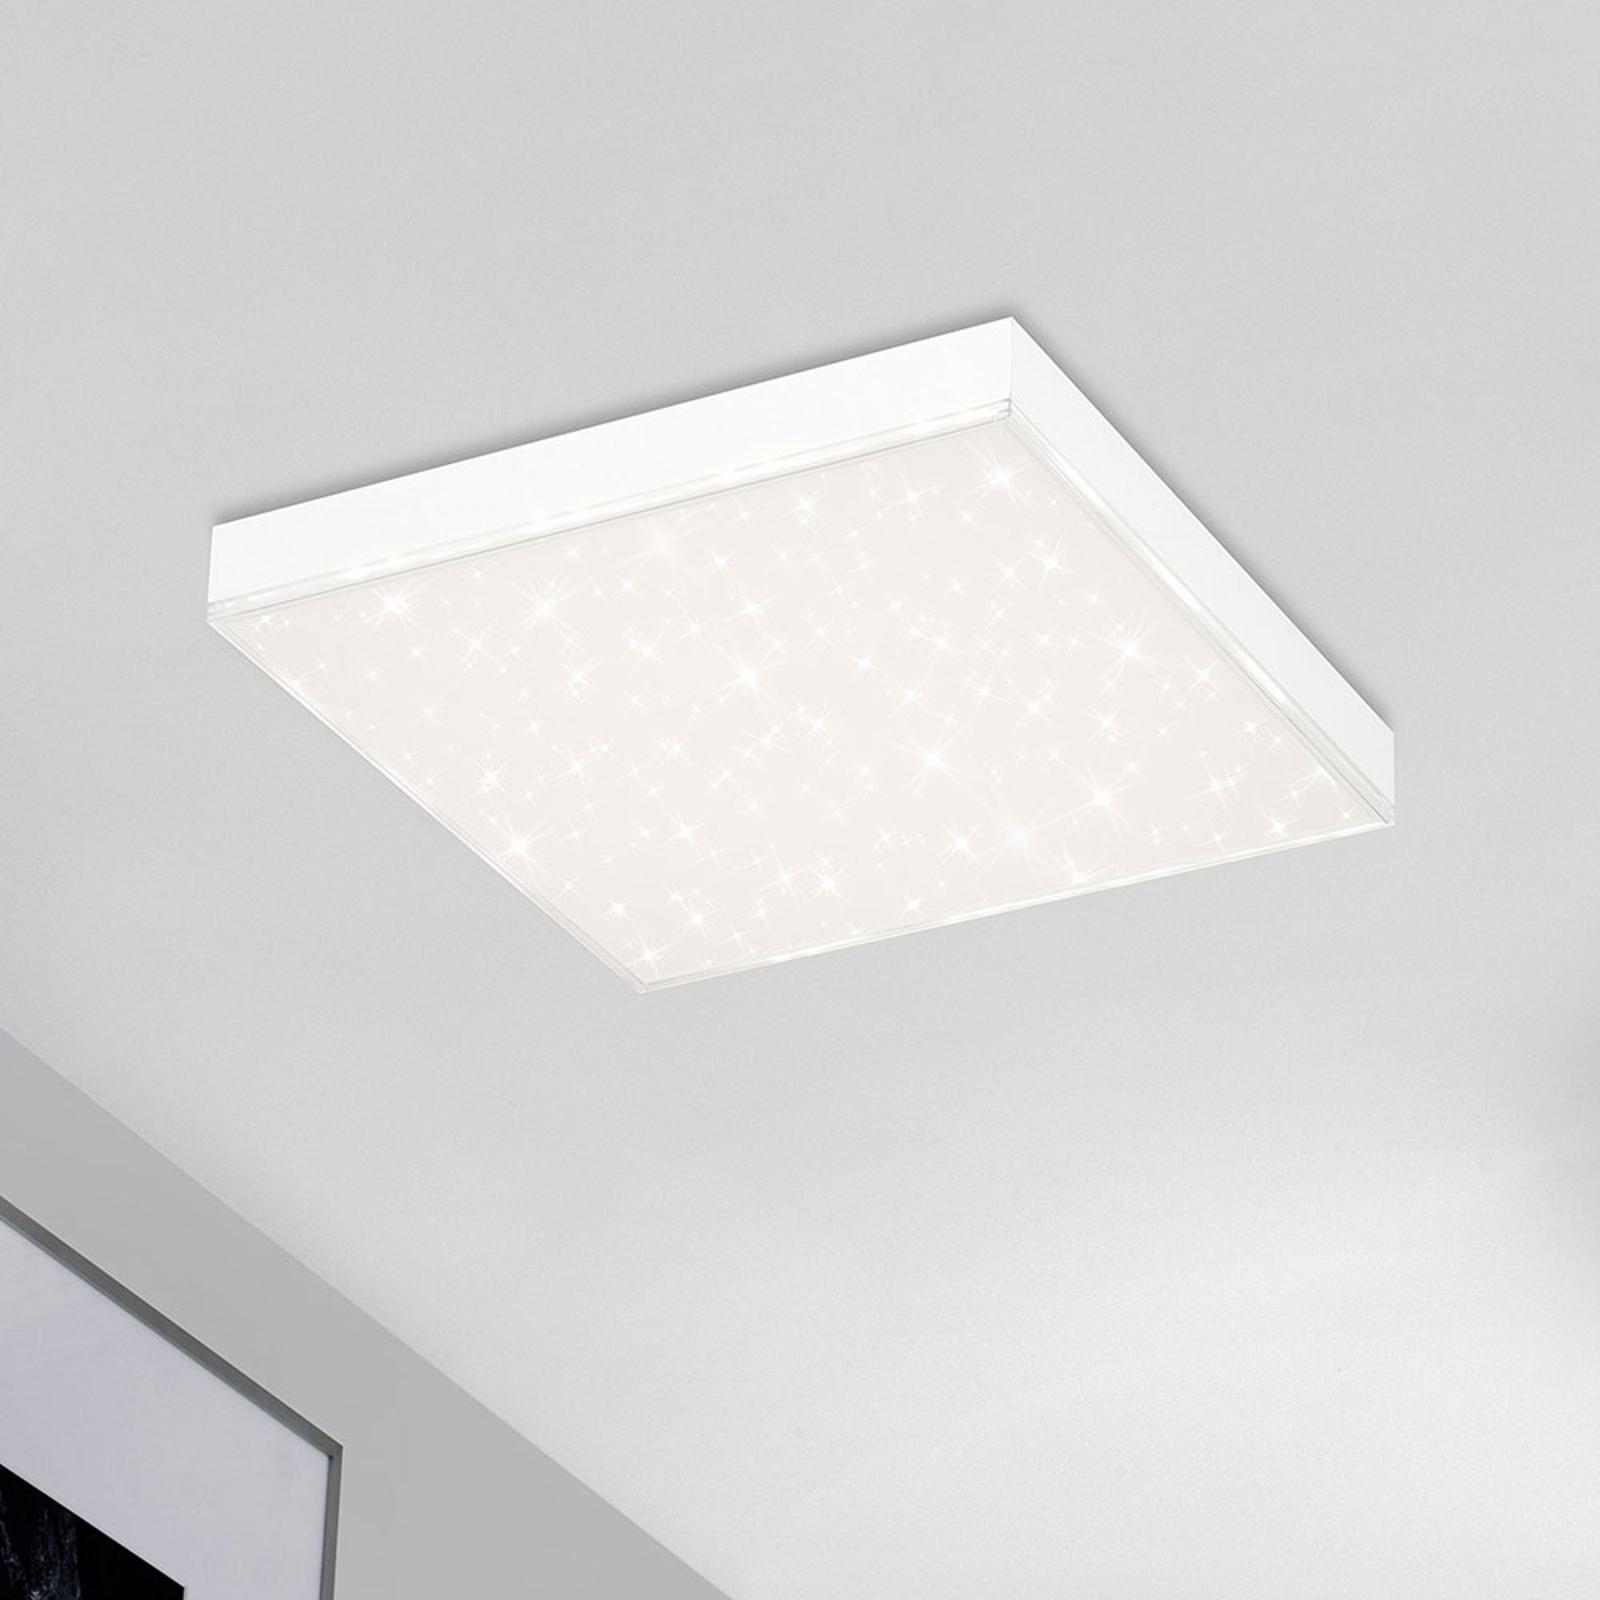 LED-stjernehimmel Frameless CCT, 30x30cm